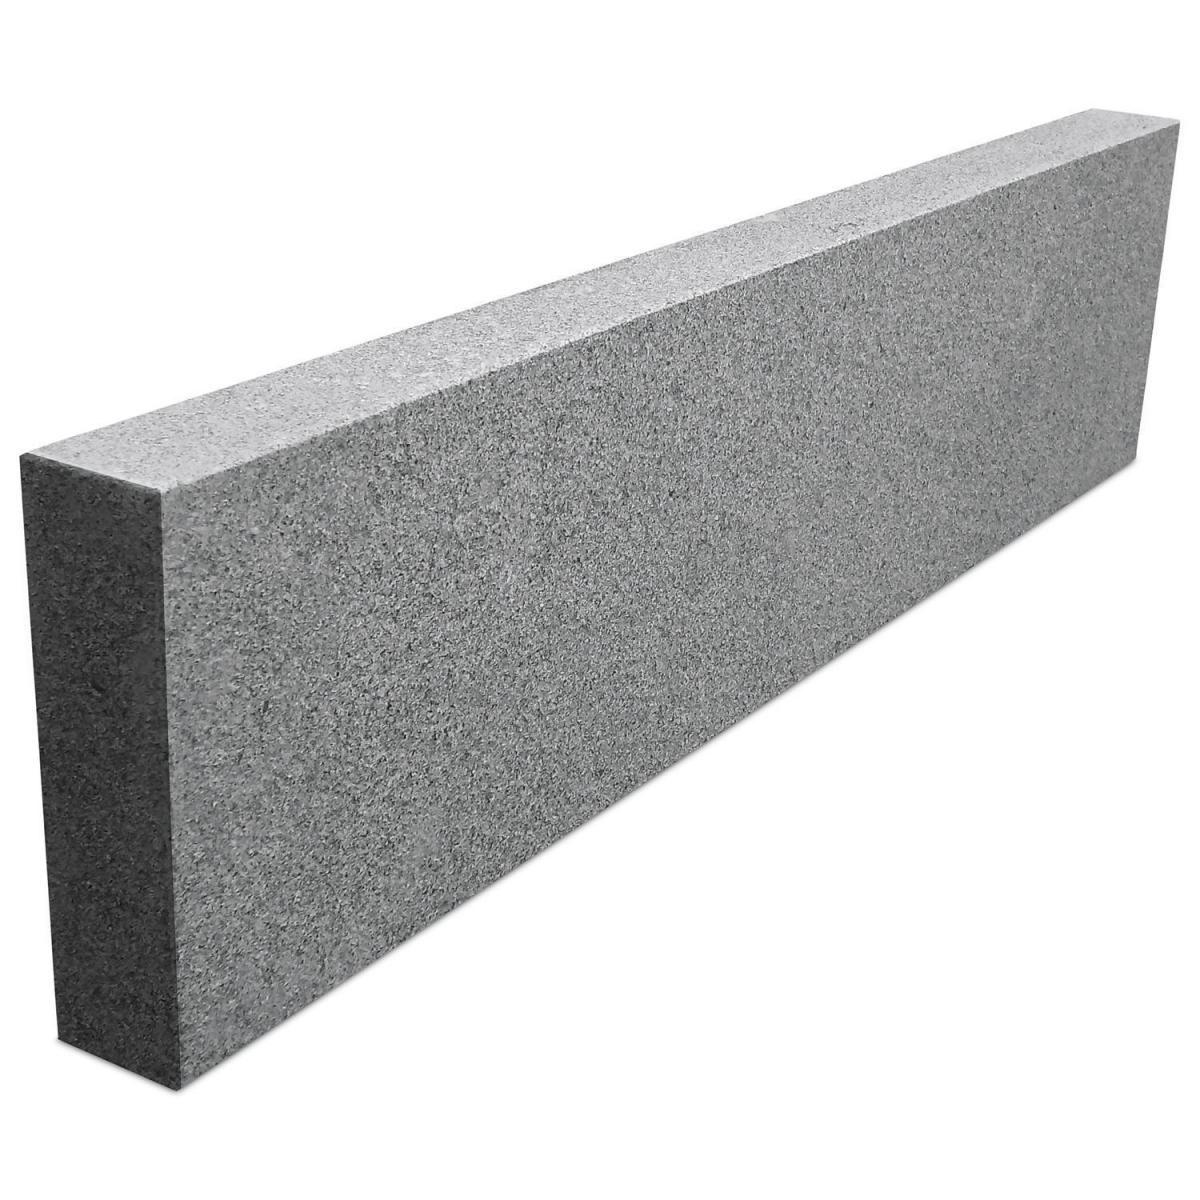 Wingart Granit-Kantenstein, 75x18 cm, grau-graphit